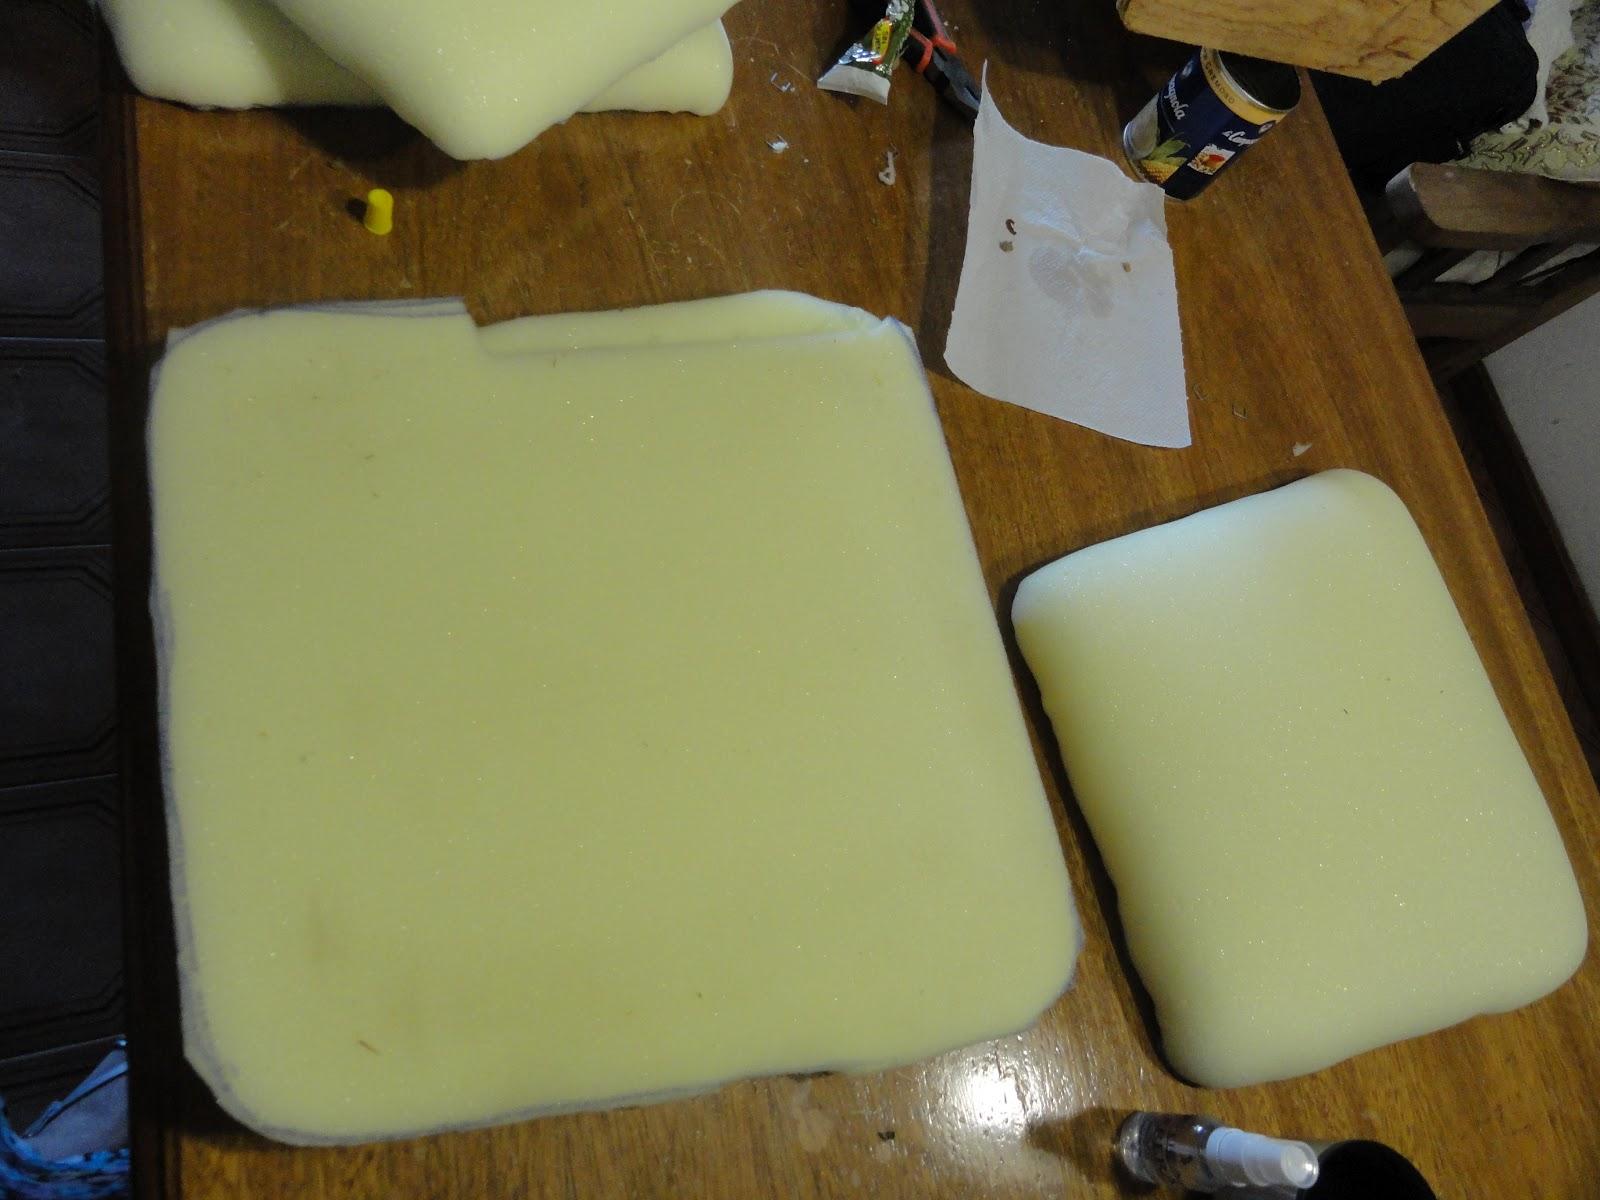 Entre varetas y cadenitas nuevo juego de comedor - Goma espuma para tapizar sillas ...